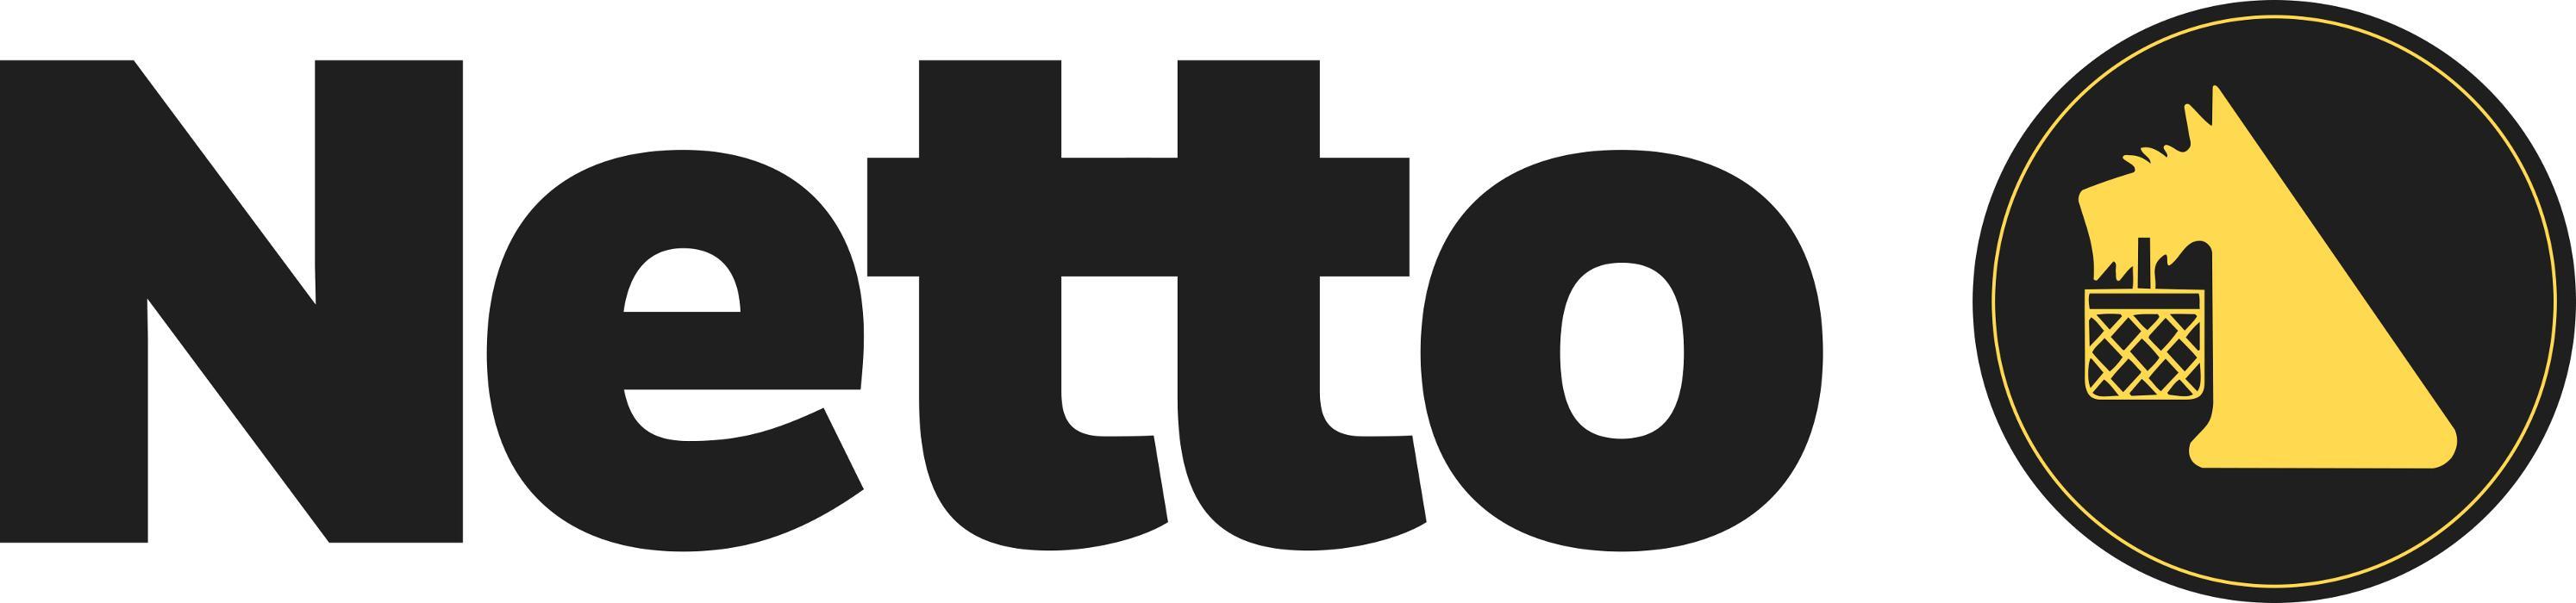 Netto Deutschland - schwarz-gelber Discounter mit dem Scottie